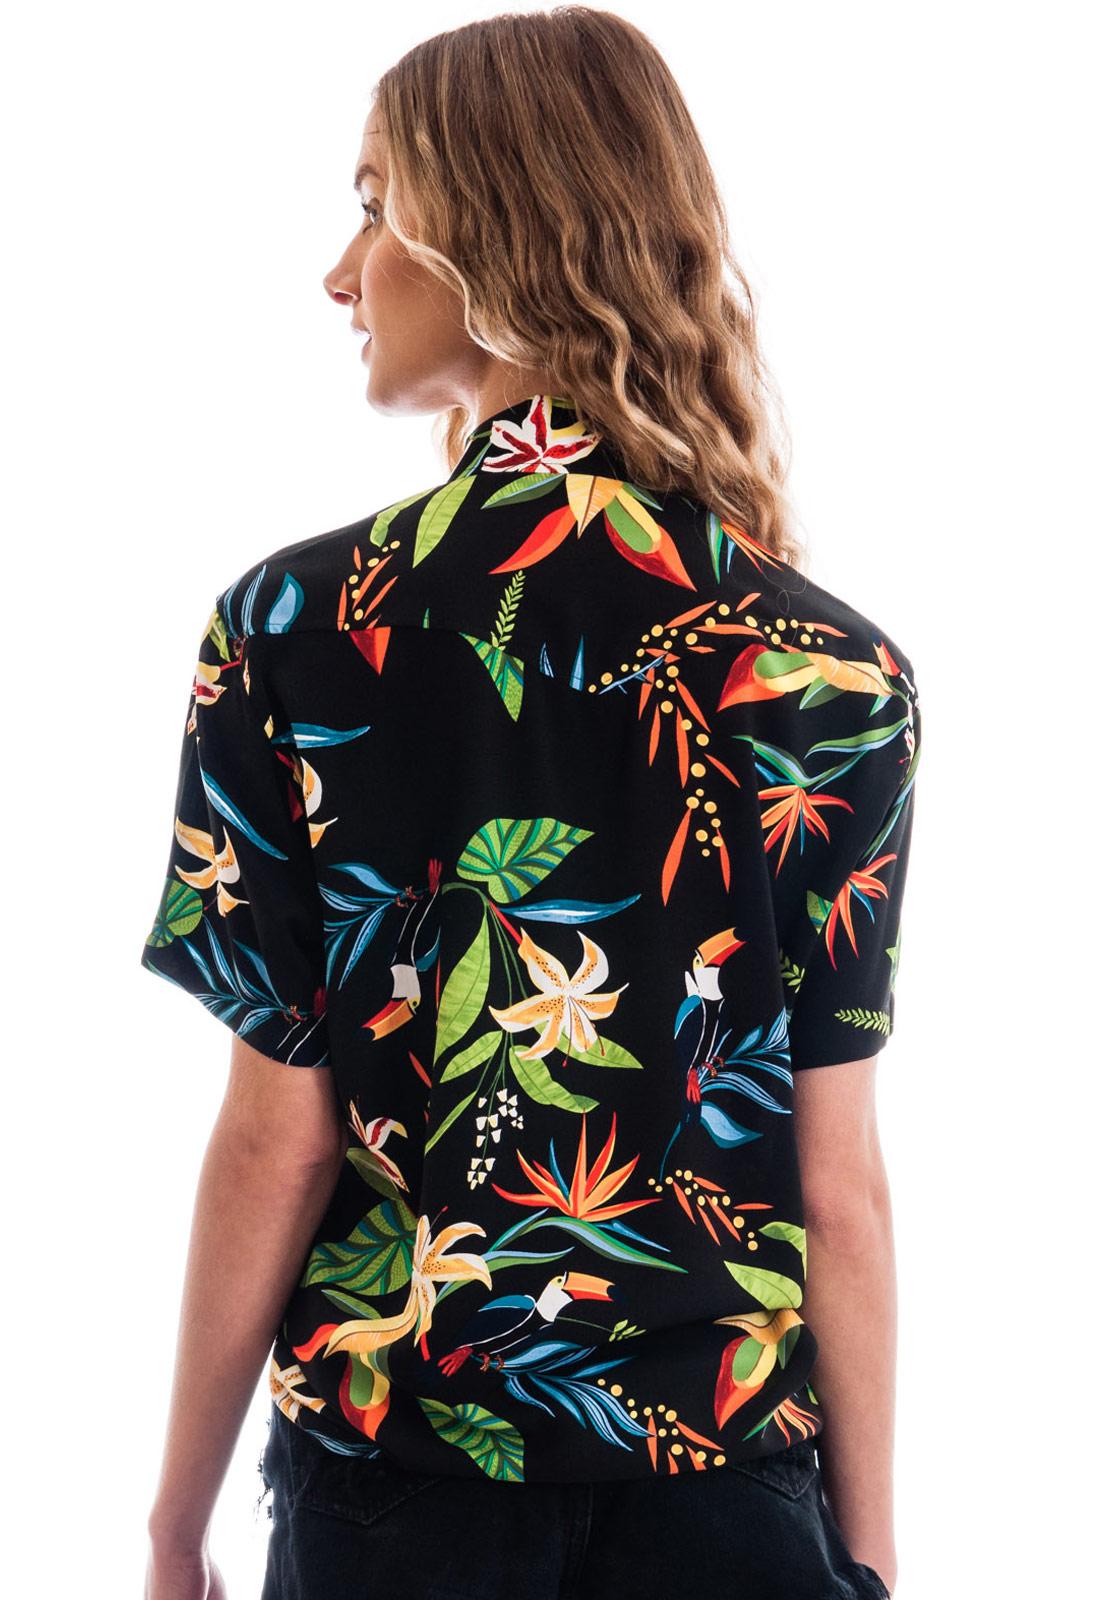 Camisa Folhagens Estampada Tucanos Vitória Birds ElephunK Preta